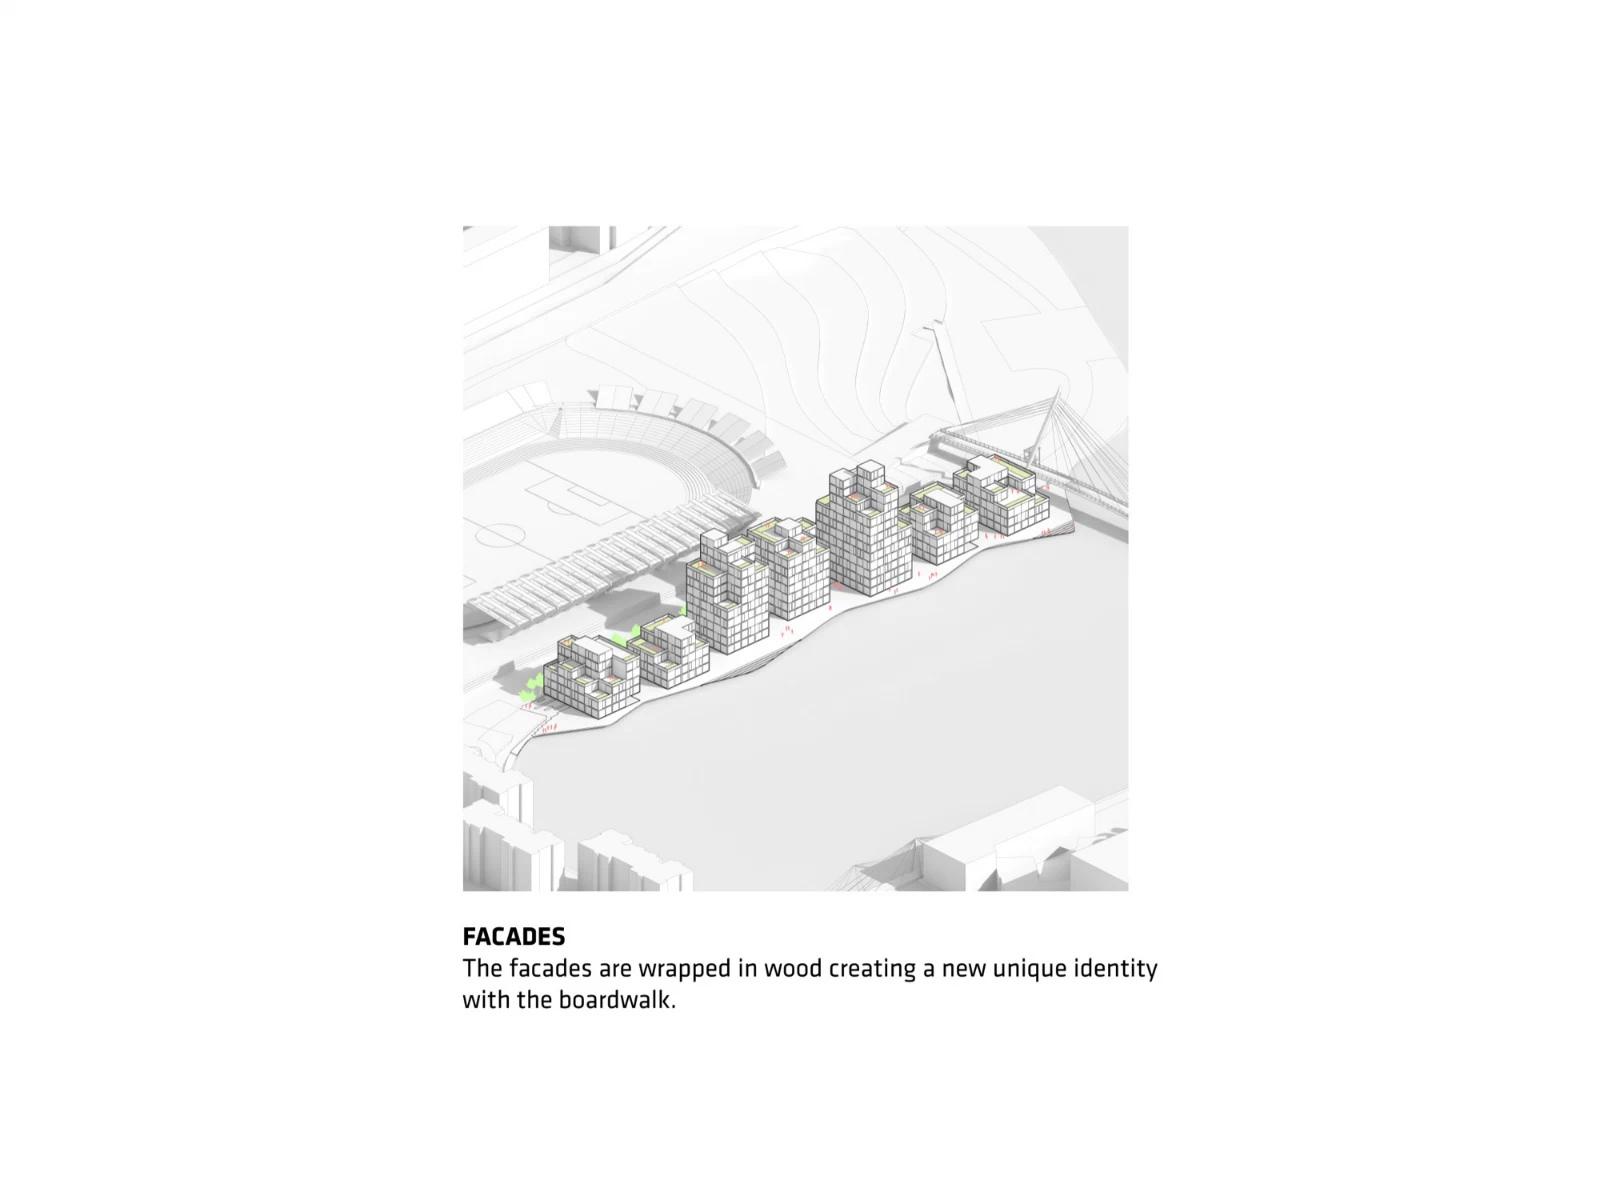 住宅设计—从概念到设计 (21)